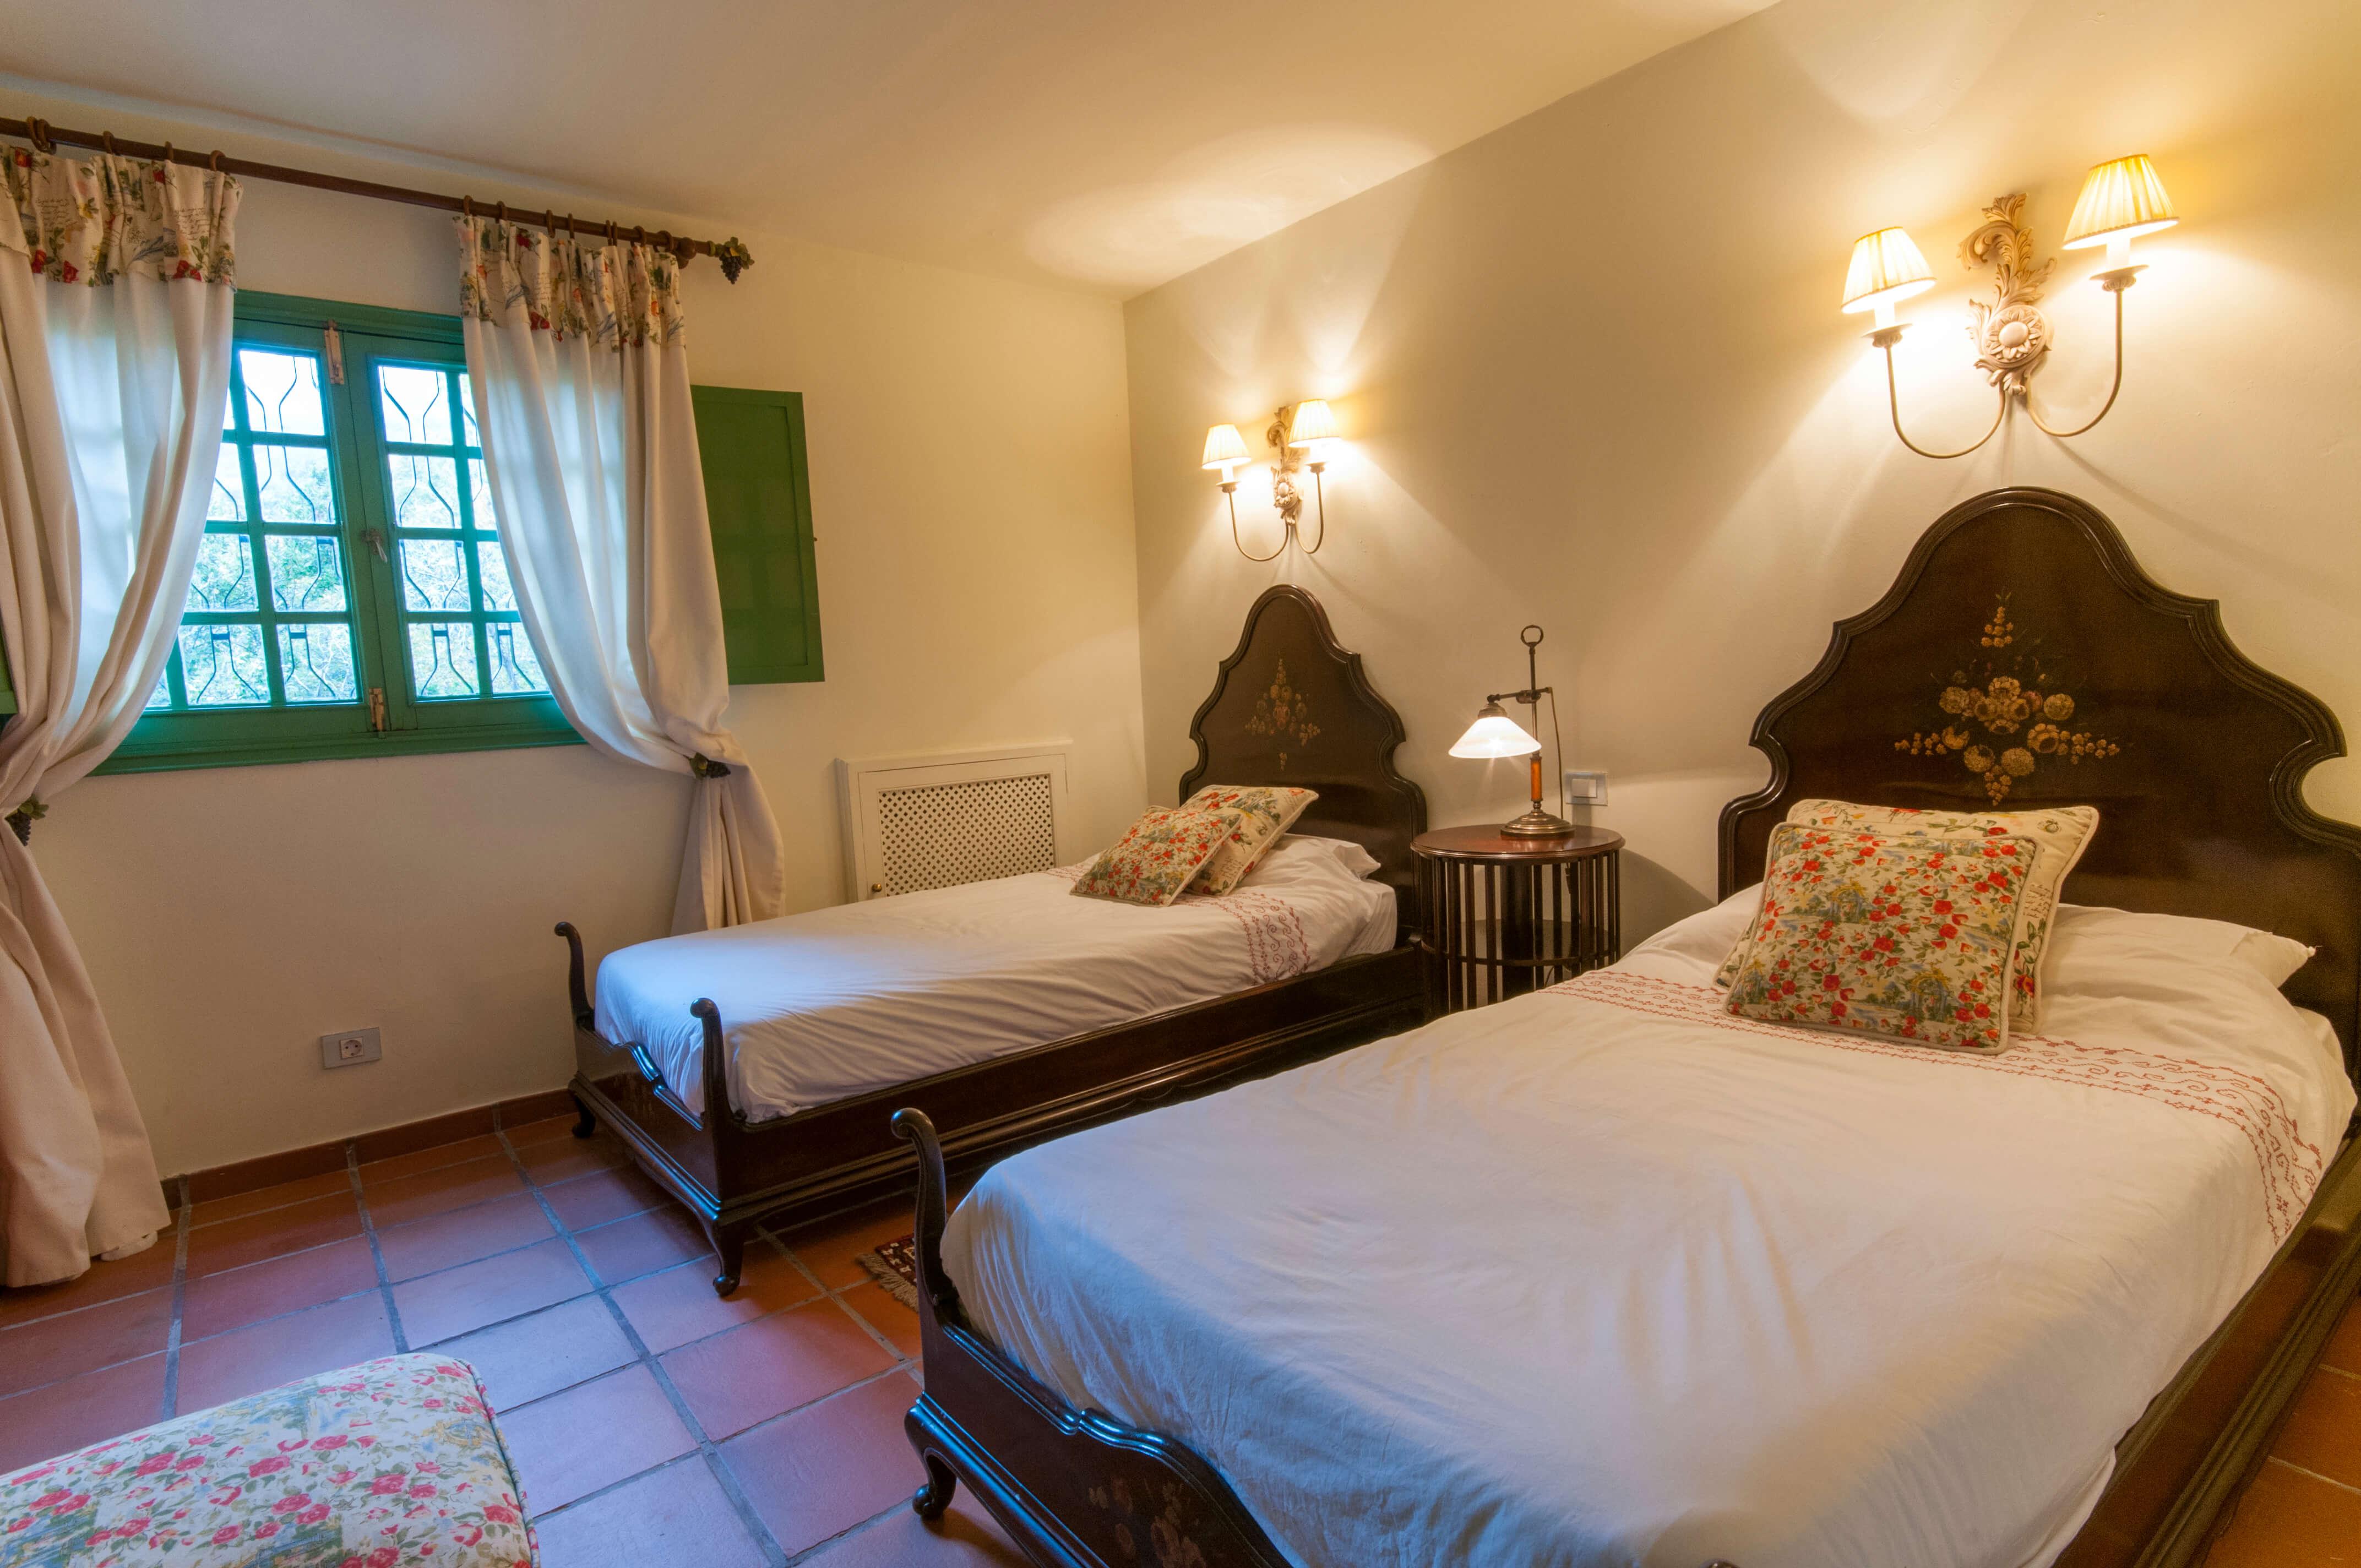 Ferienhaus Großes Ferienhaus in San Mateo (2303726), Vega de San Mateo, Gran Canaria, Kanarische Inseln, Spanien, Bild 11